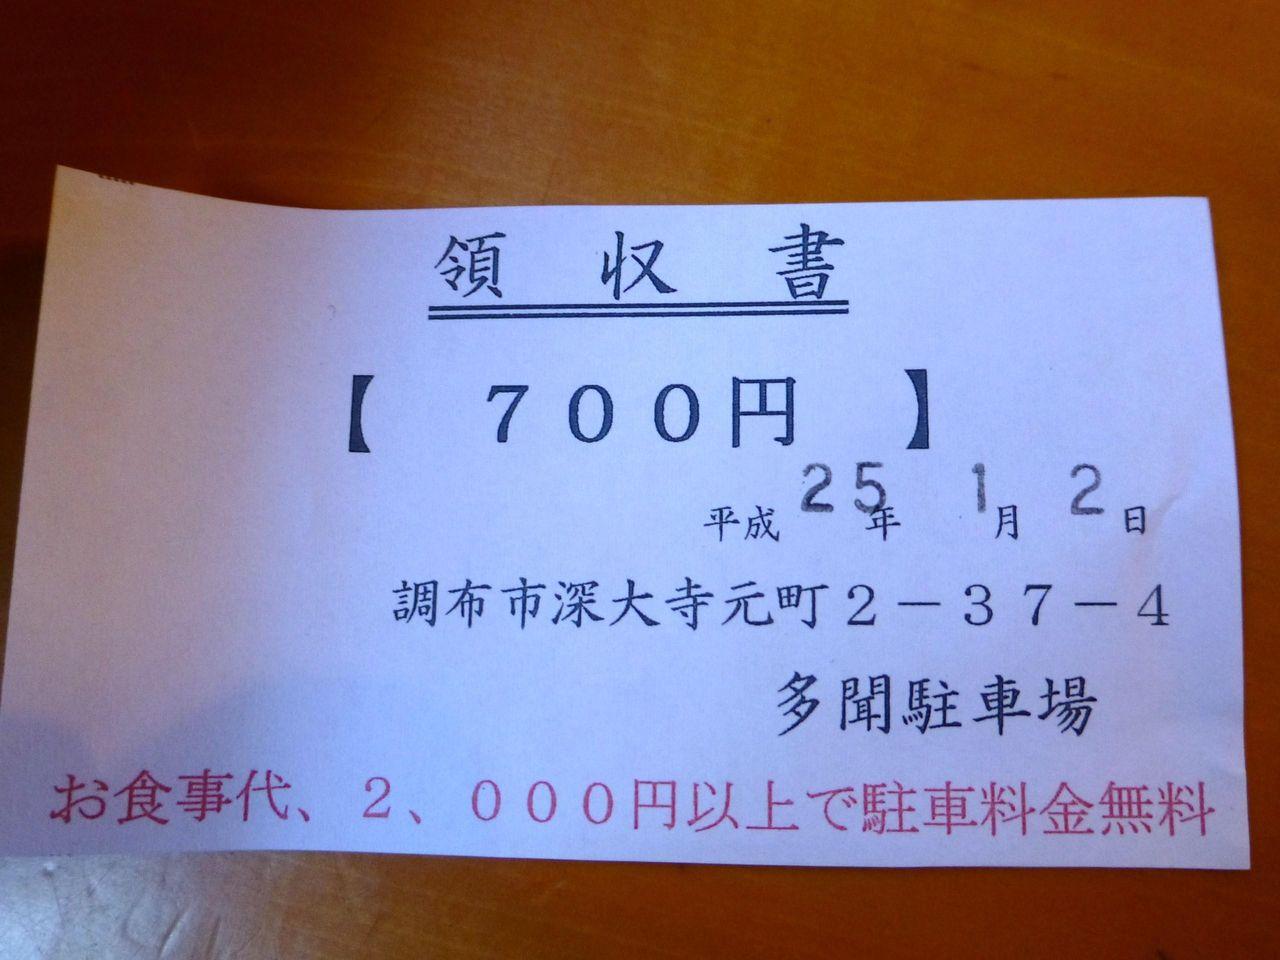 食事代2000円以上で駐車料金700円が返金されます。